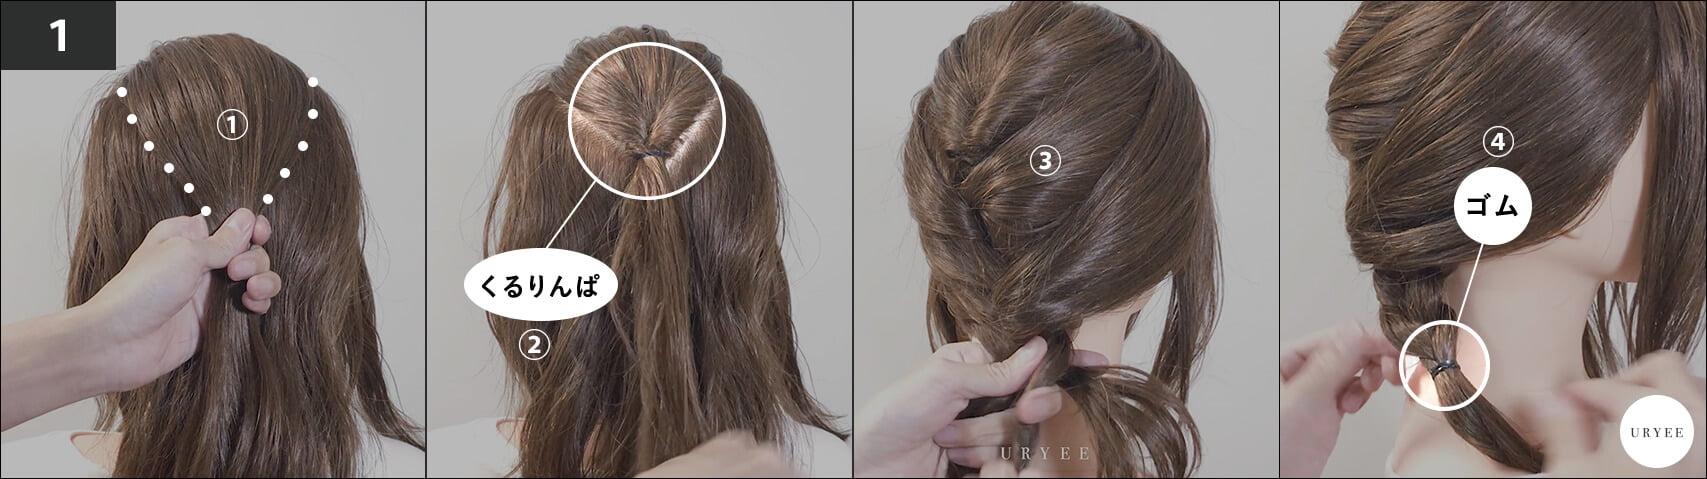 ロングボブ アレンジ 編み込みハーフアップ まとめ髪